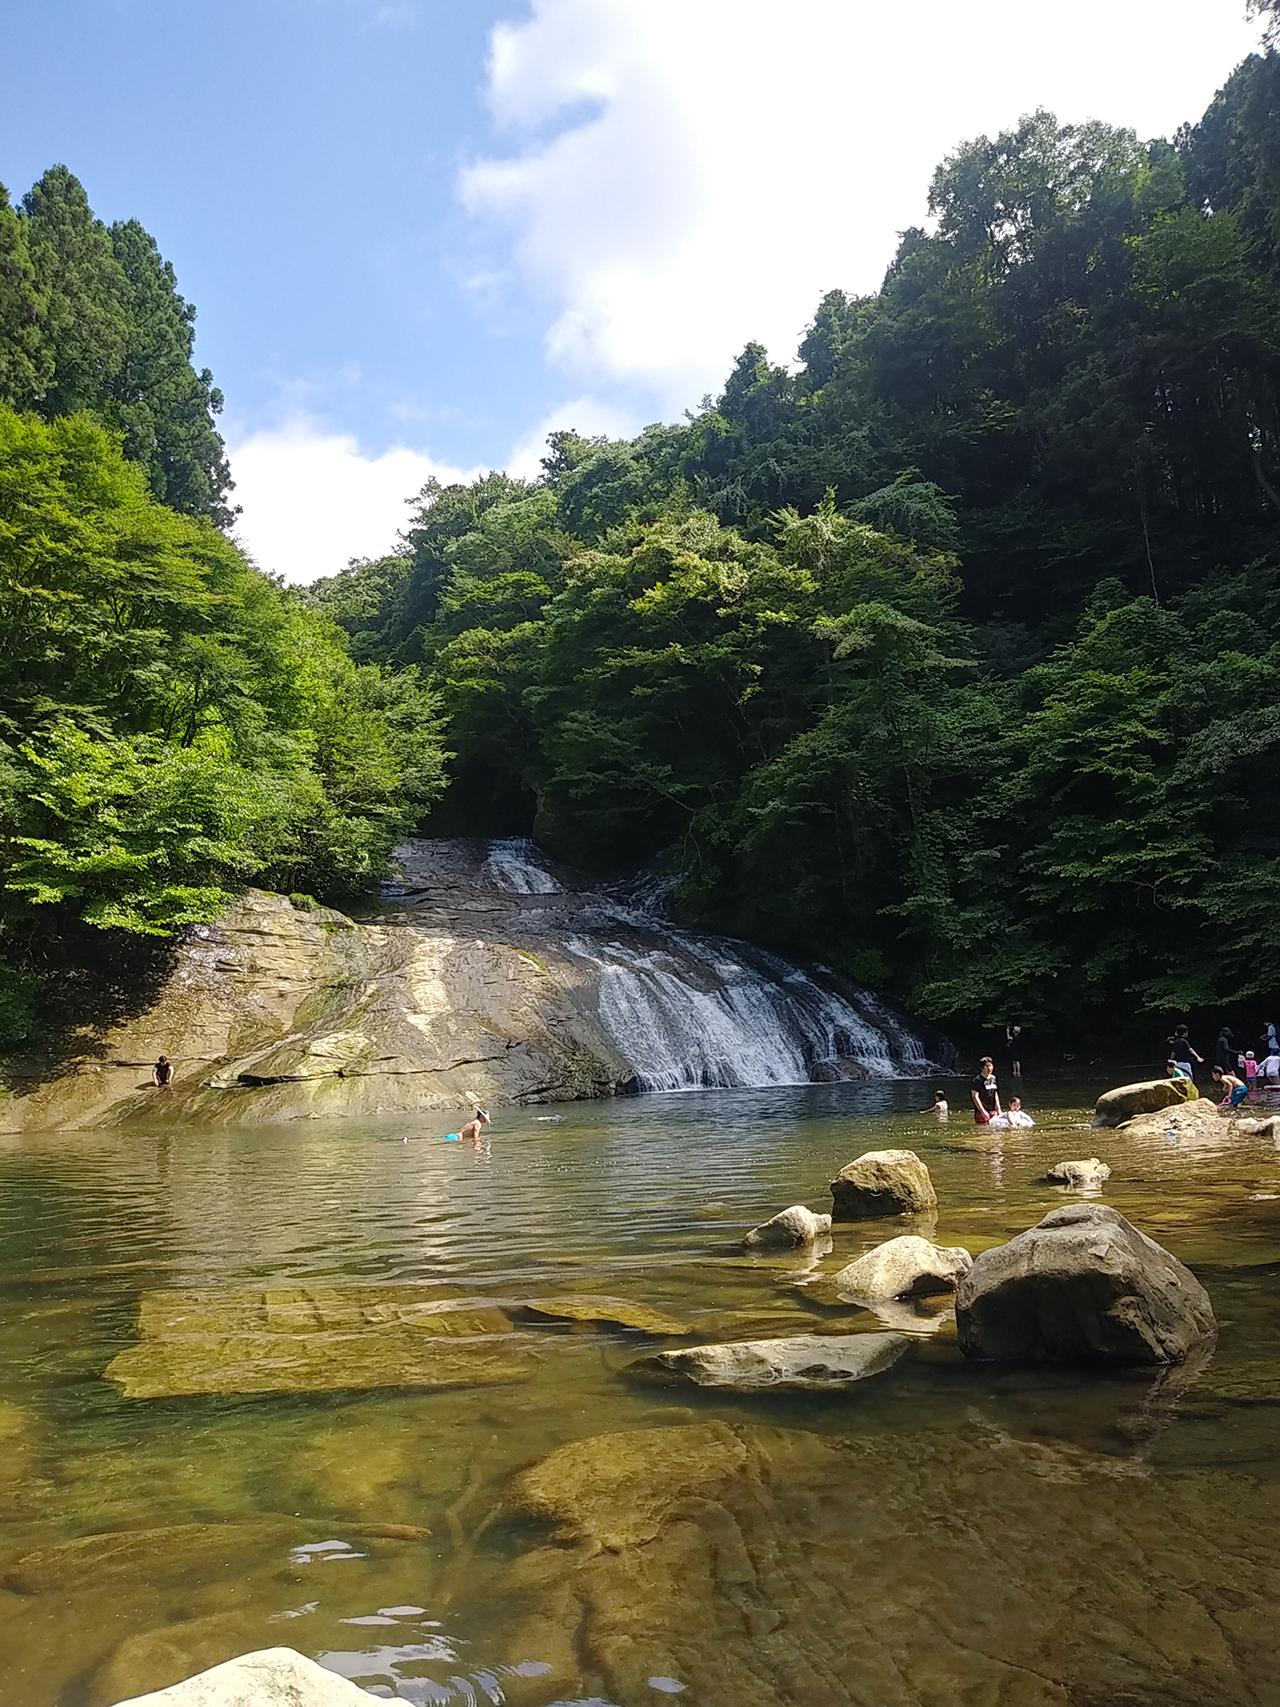 栗又の滝の写真